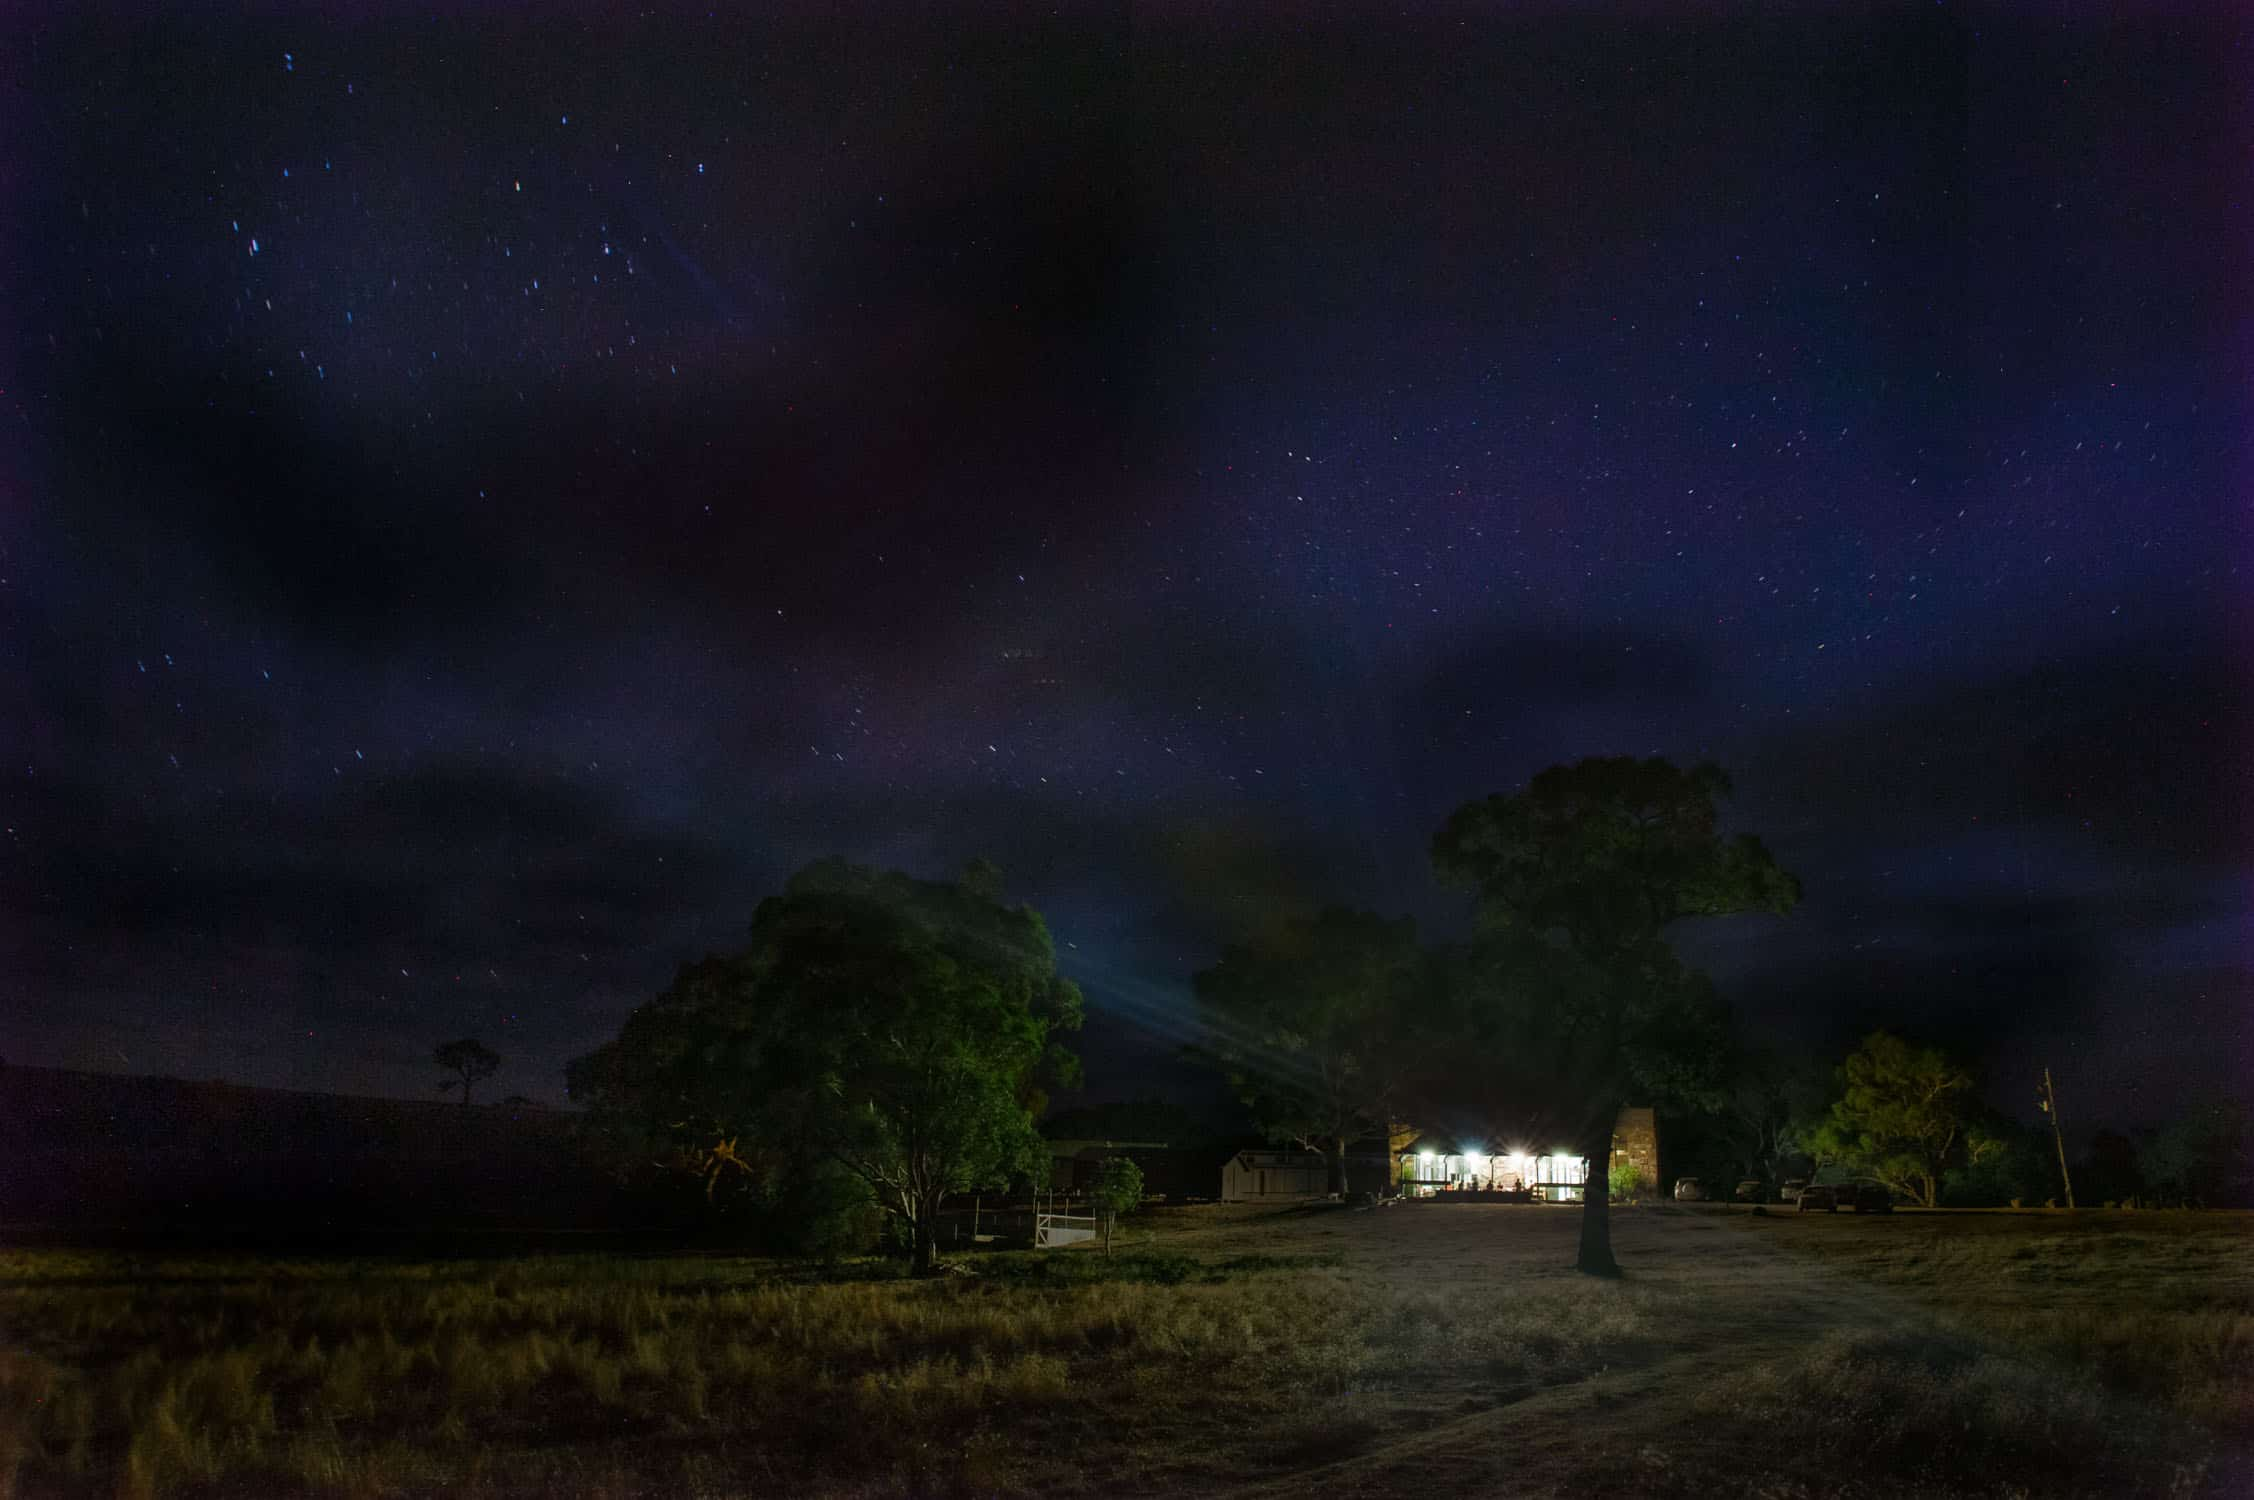 Rural property at night